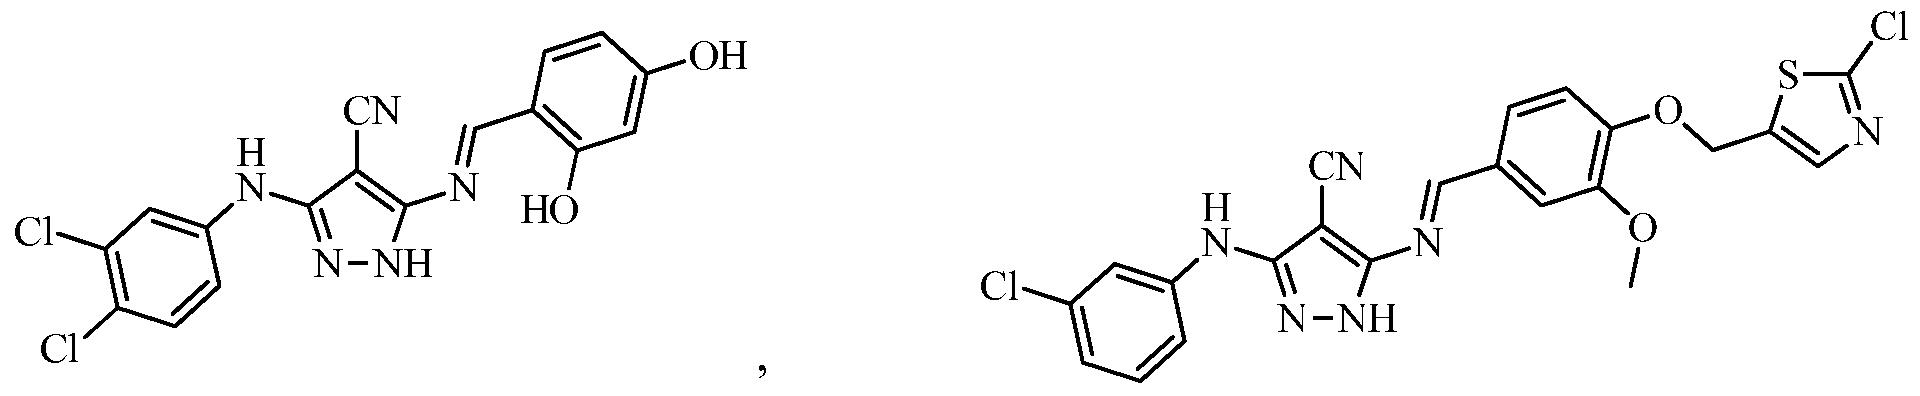 Figure imgf000165_0005